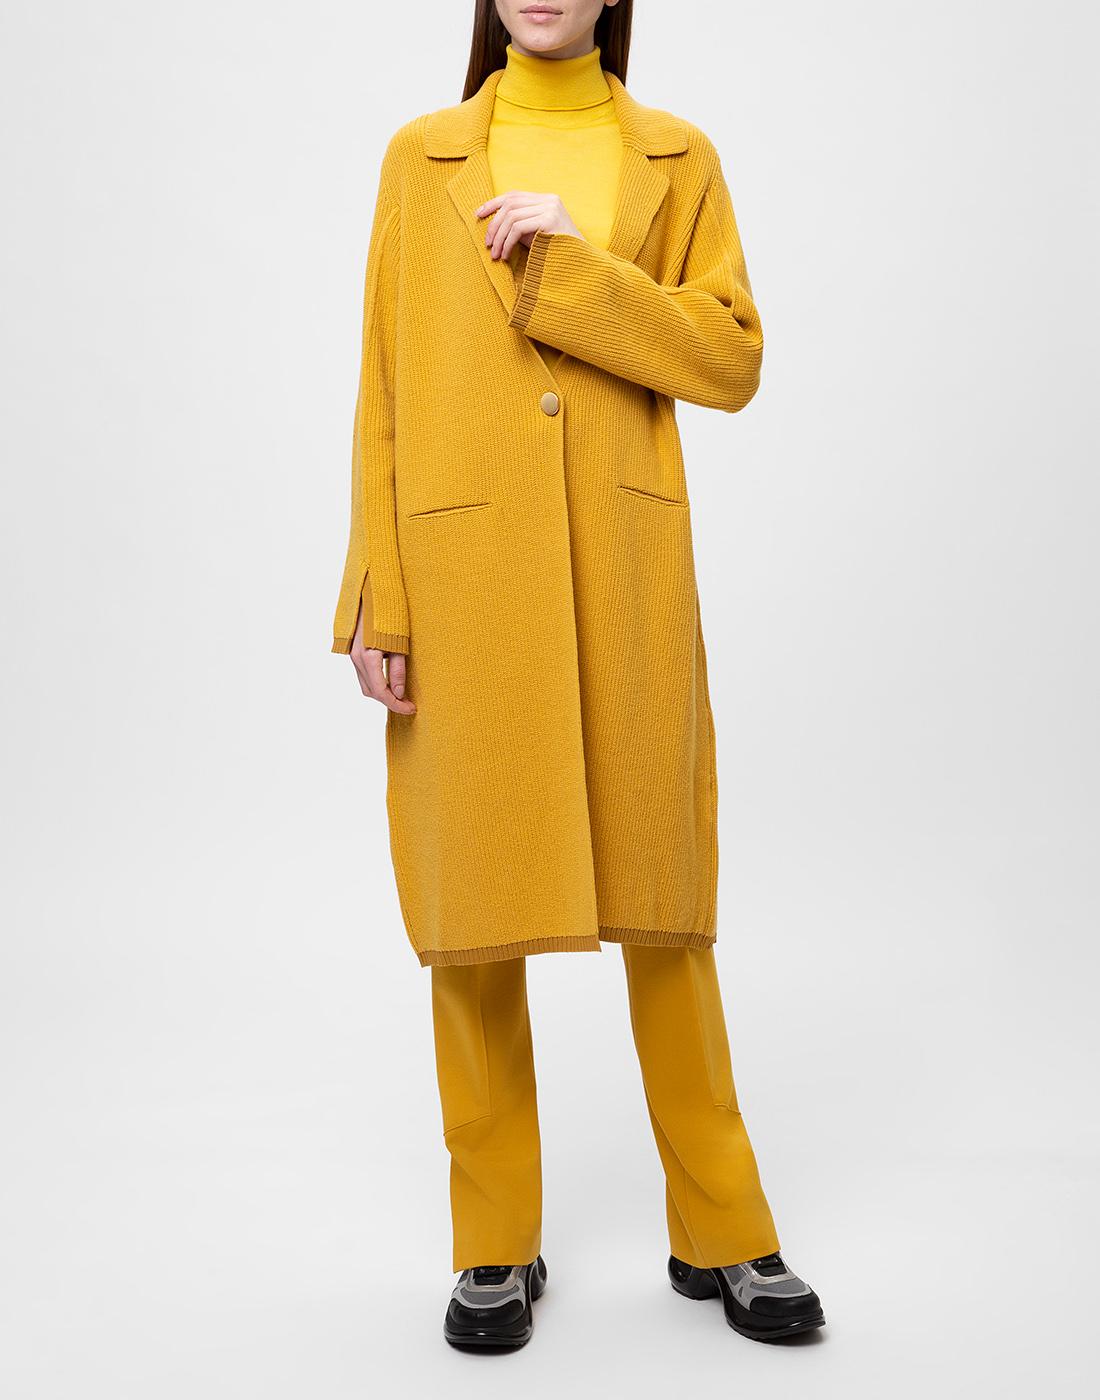 Женское горчичное пальто Dorothee Schumacher S616204/237-2